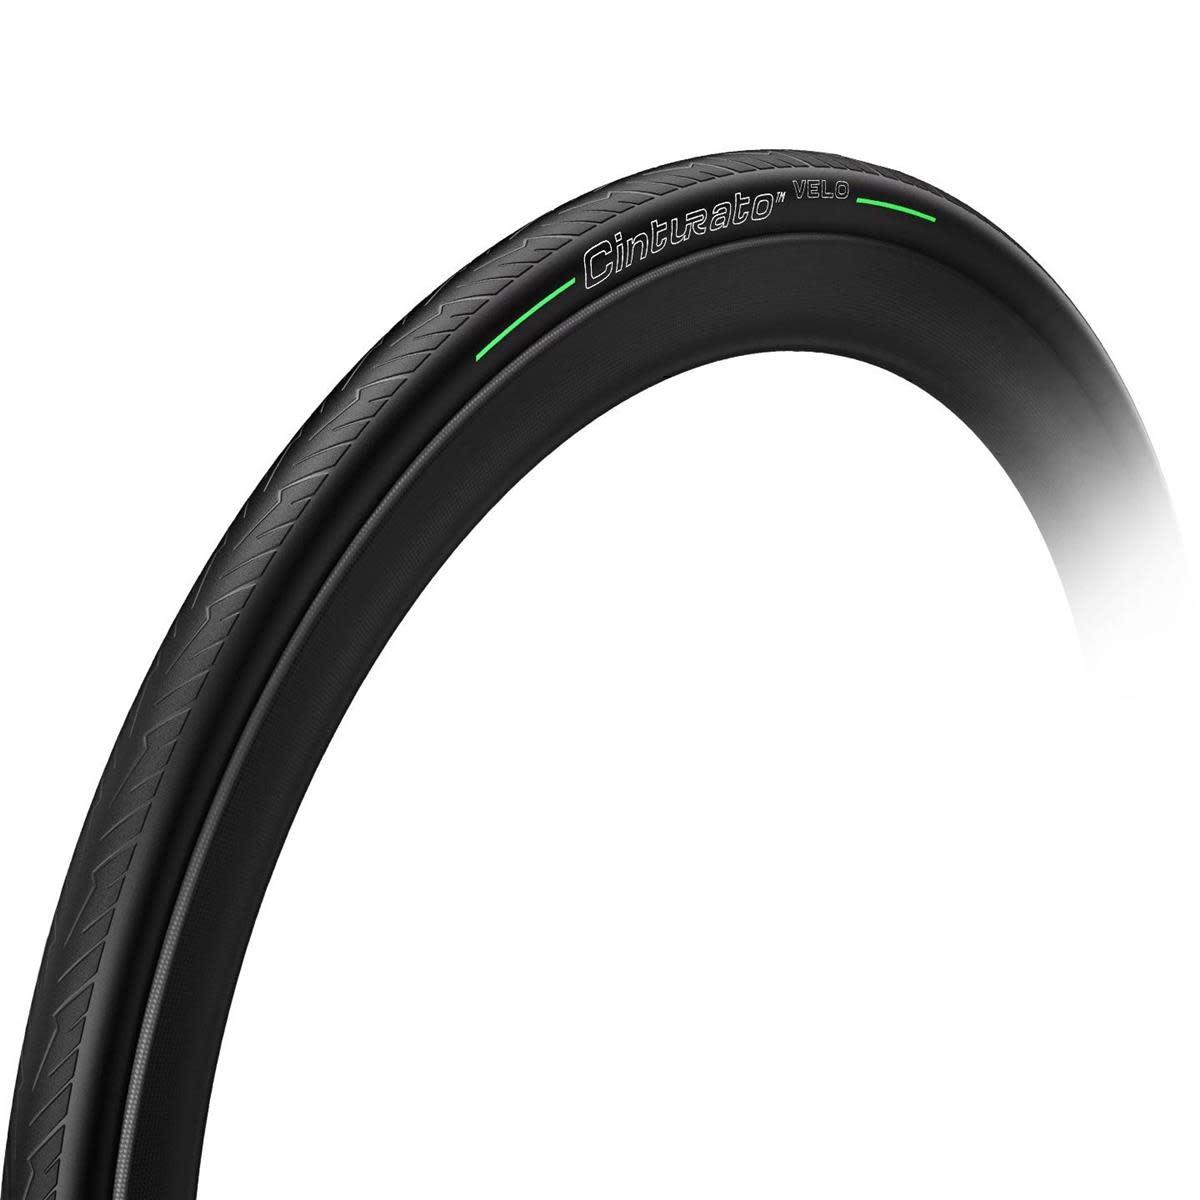 Pirelli Pirelli, Cinturato Velo, Tire, 700x26C, Folding, Tubeless Ready, Smartnet Silica, 66TPI, Black